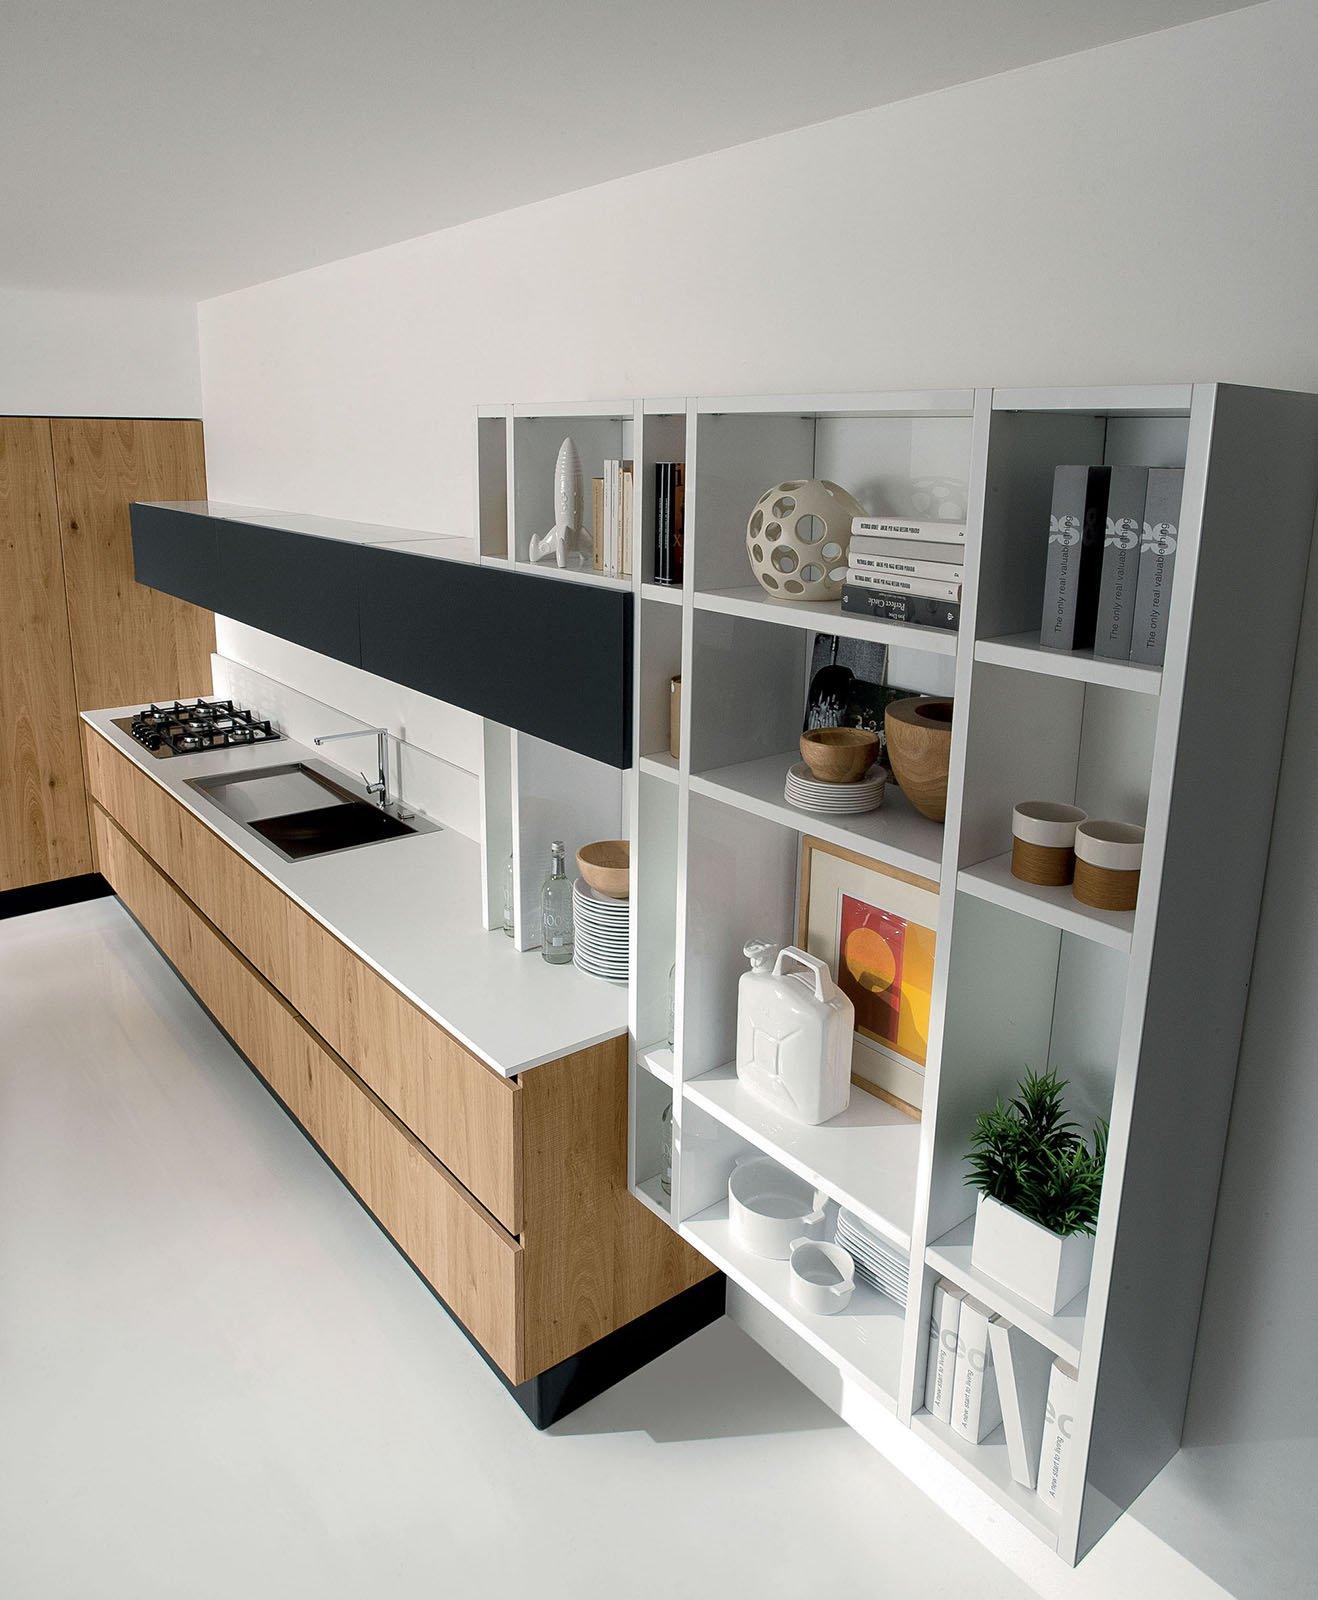 In cucina i vani a giorno fanno tendenza cose di casa for Aran cucine